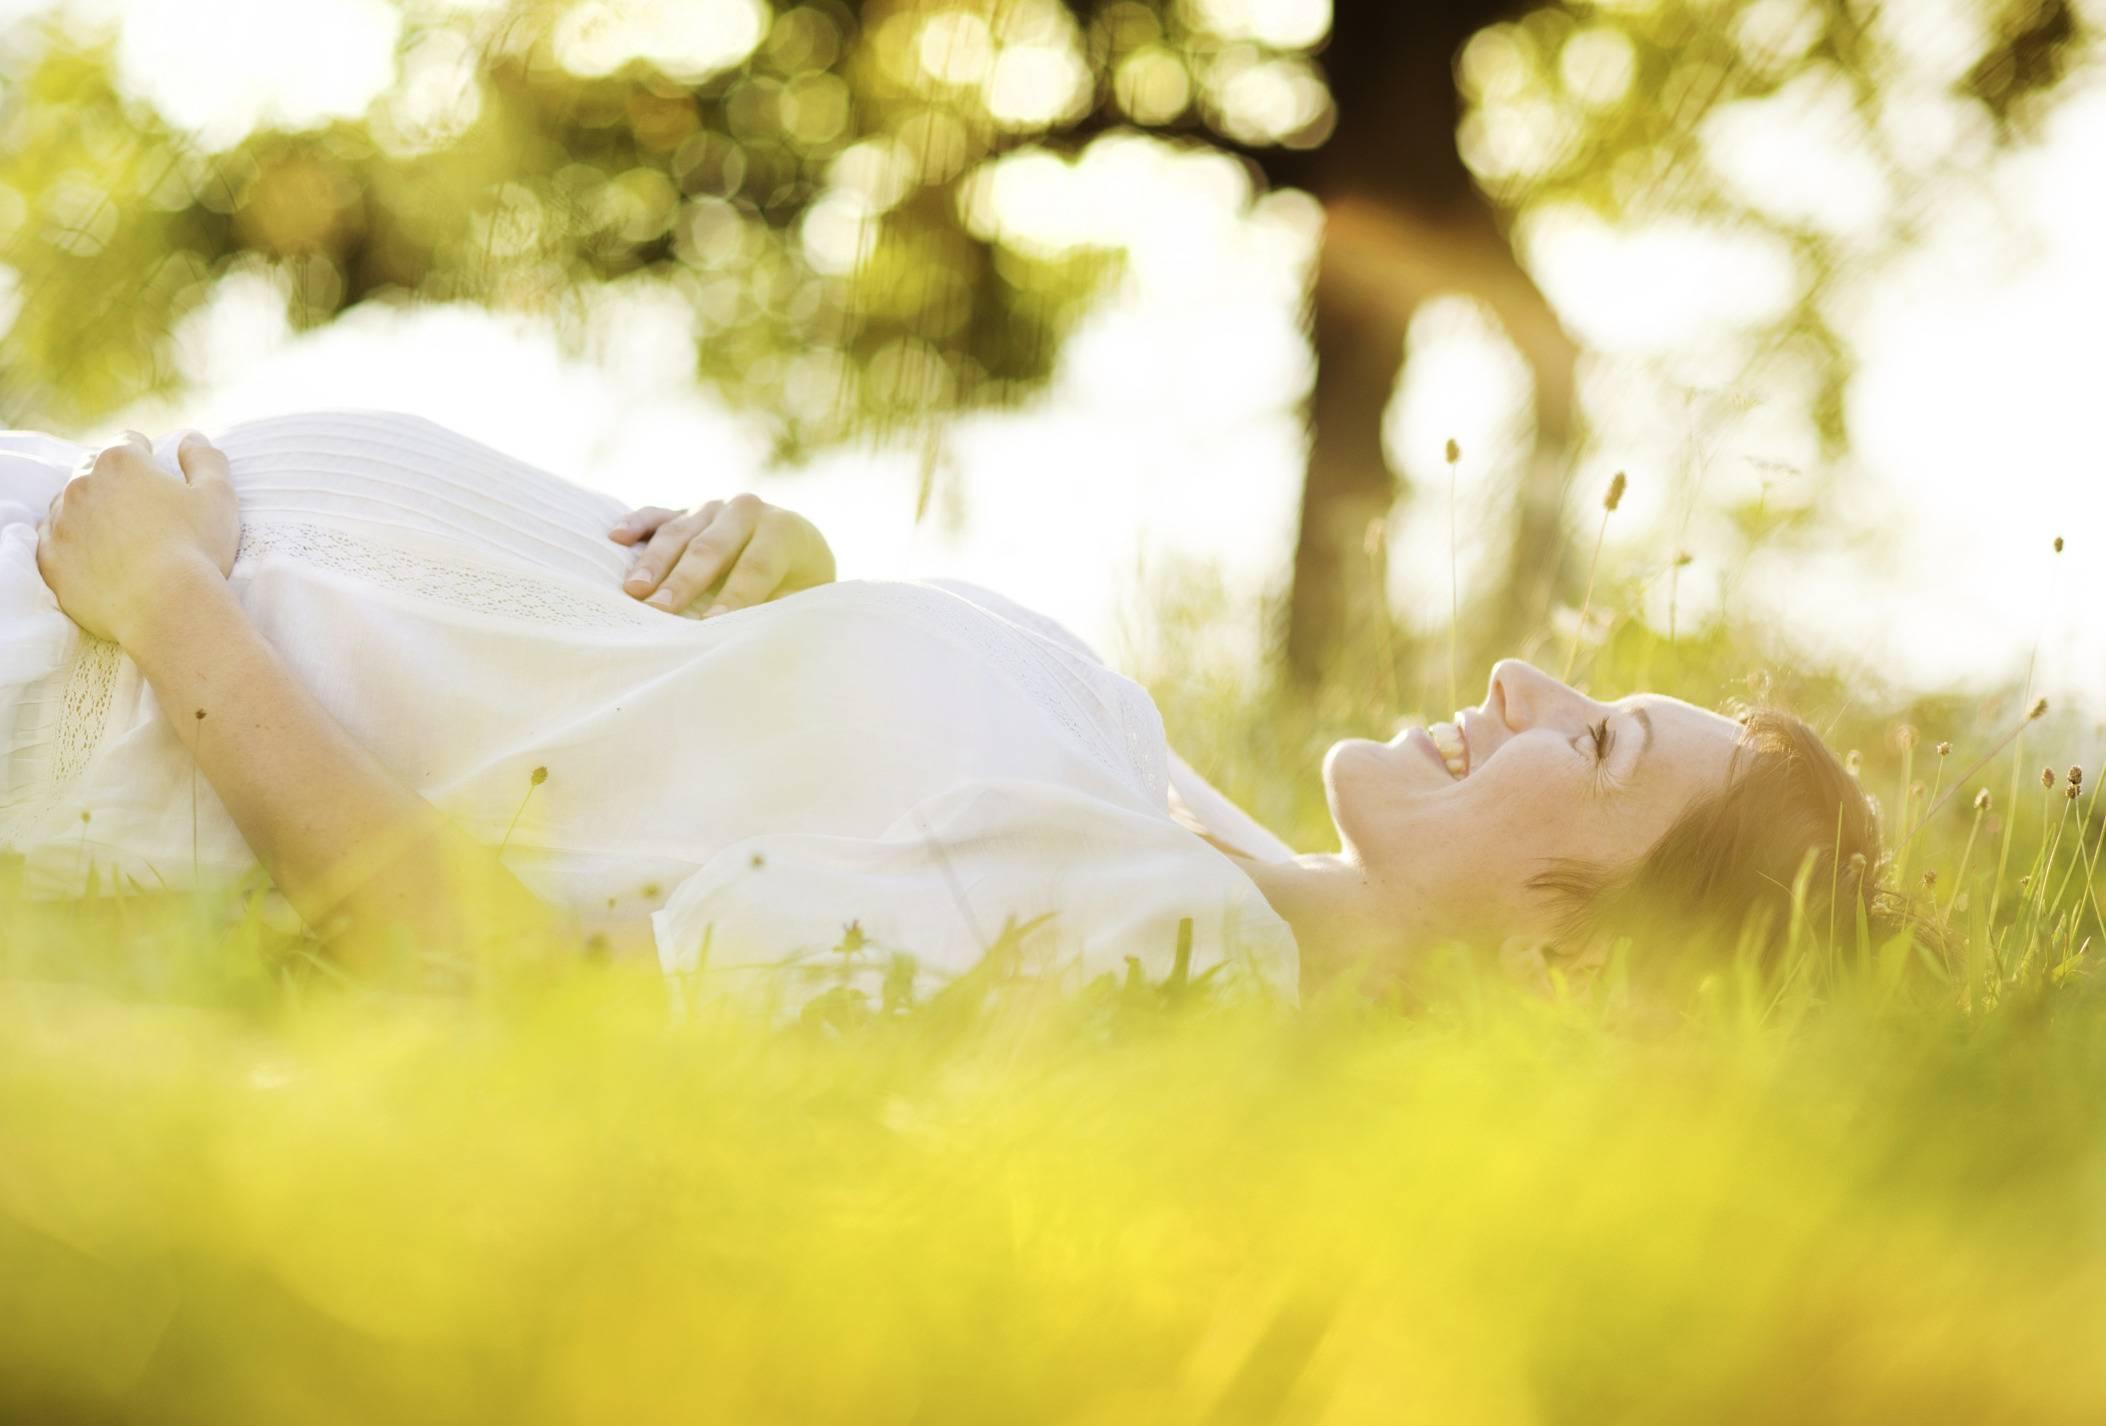 Реактивный ум - бесплатные статьи по религии дом солнца